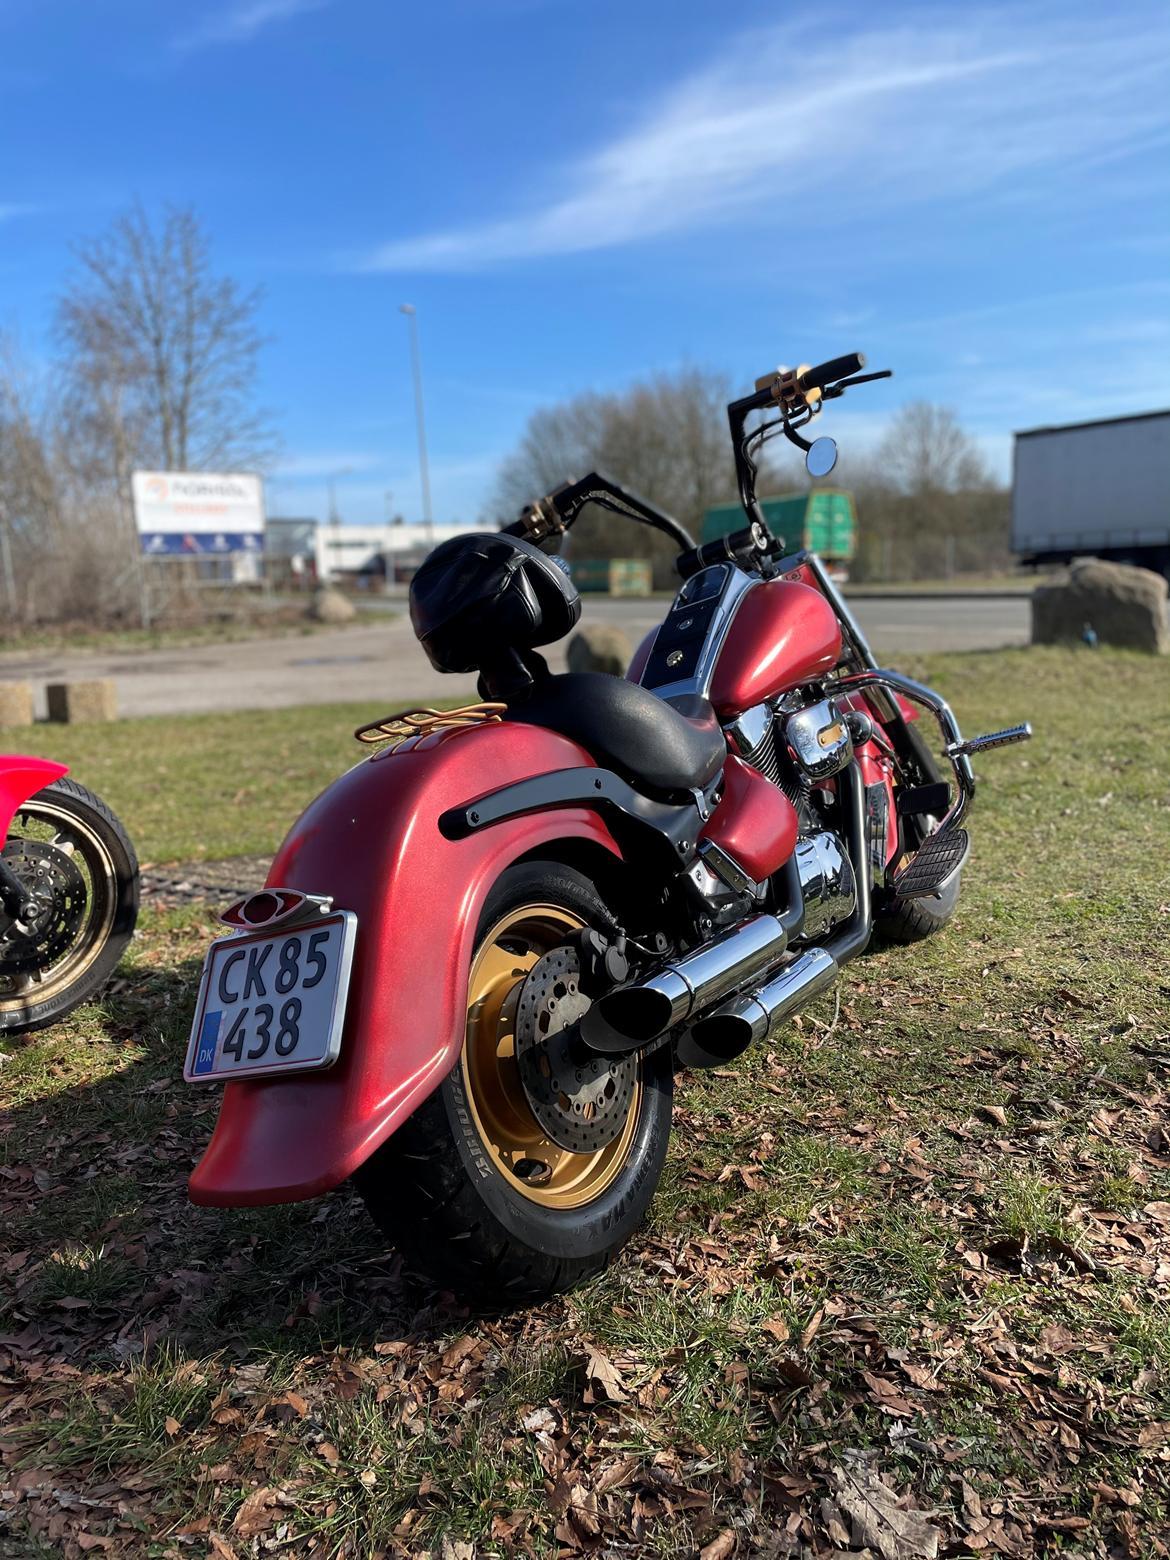 Suzuki VL 1500 billede 4